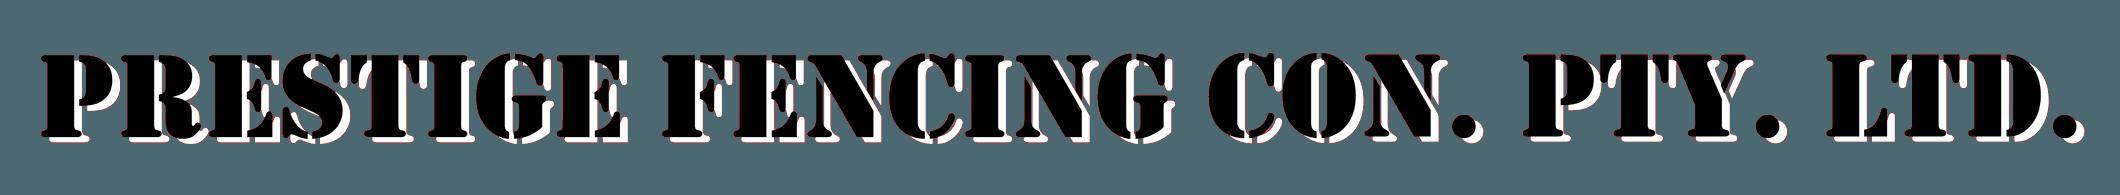 prestige fencing con. pty. ltd logo